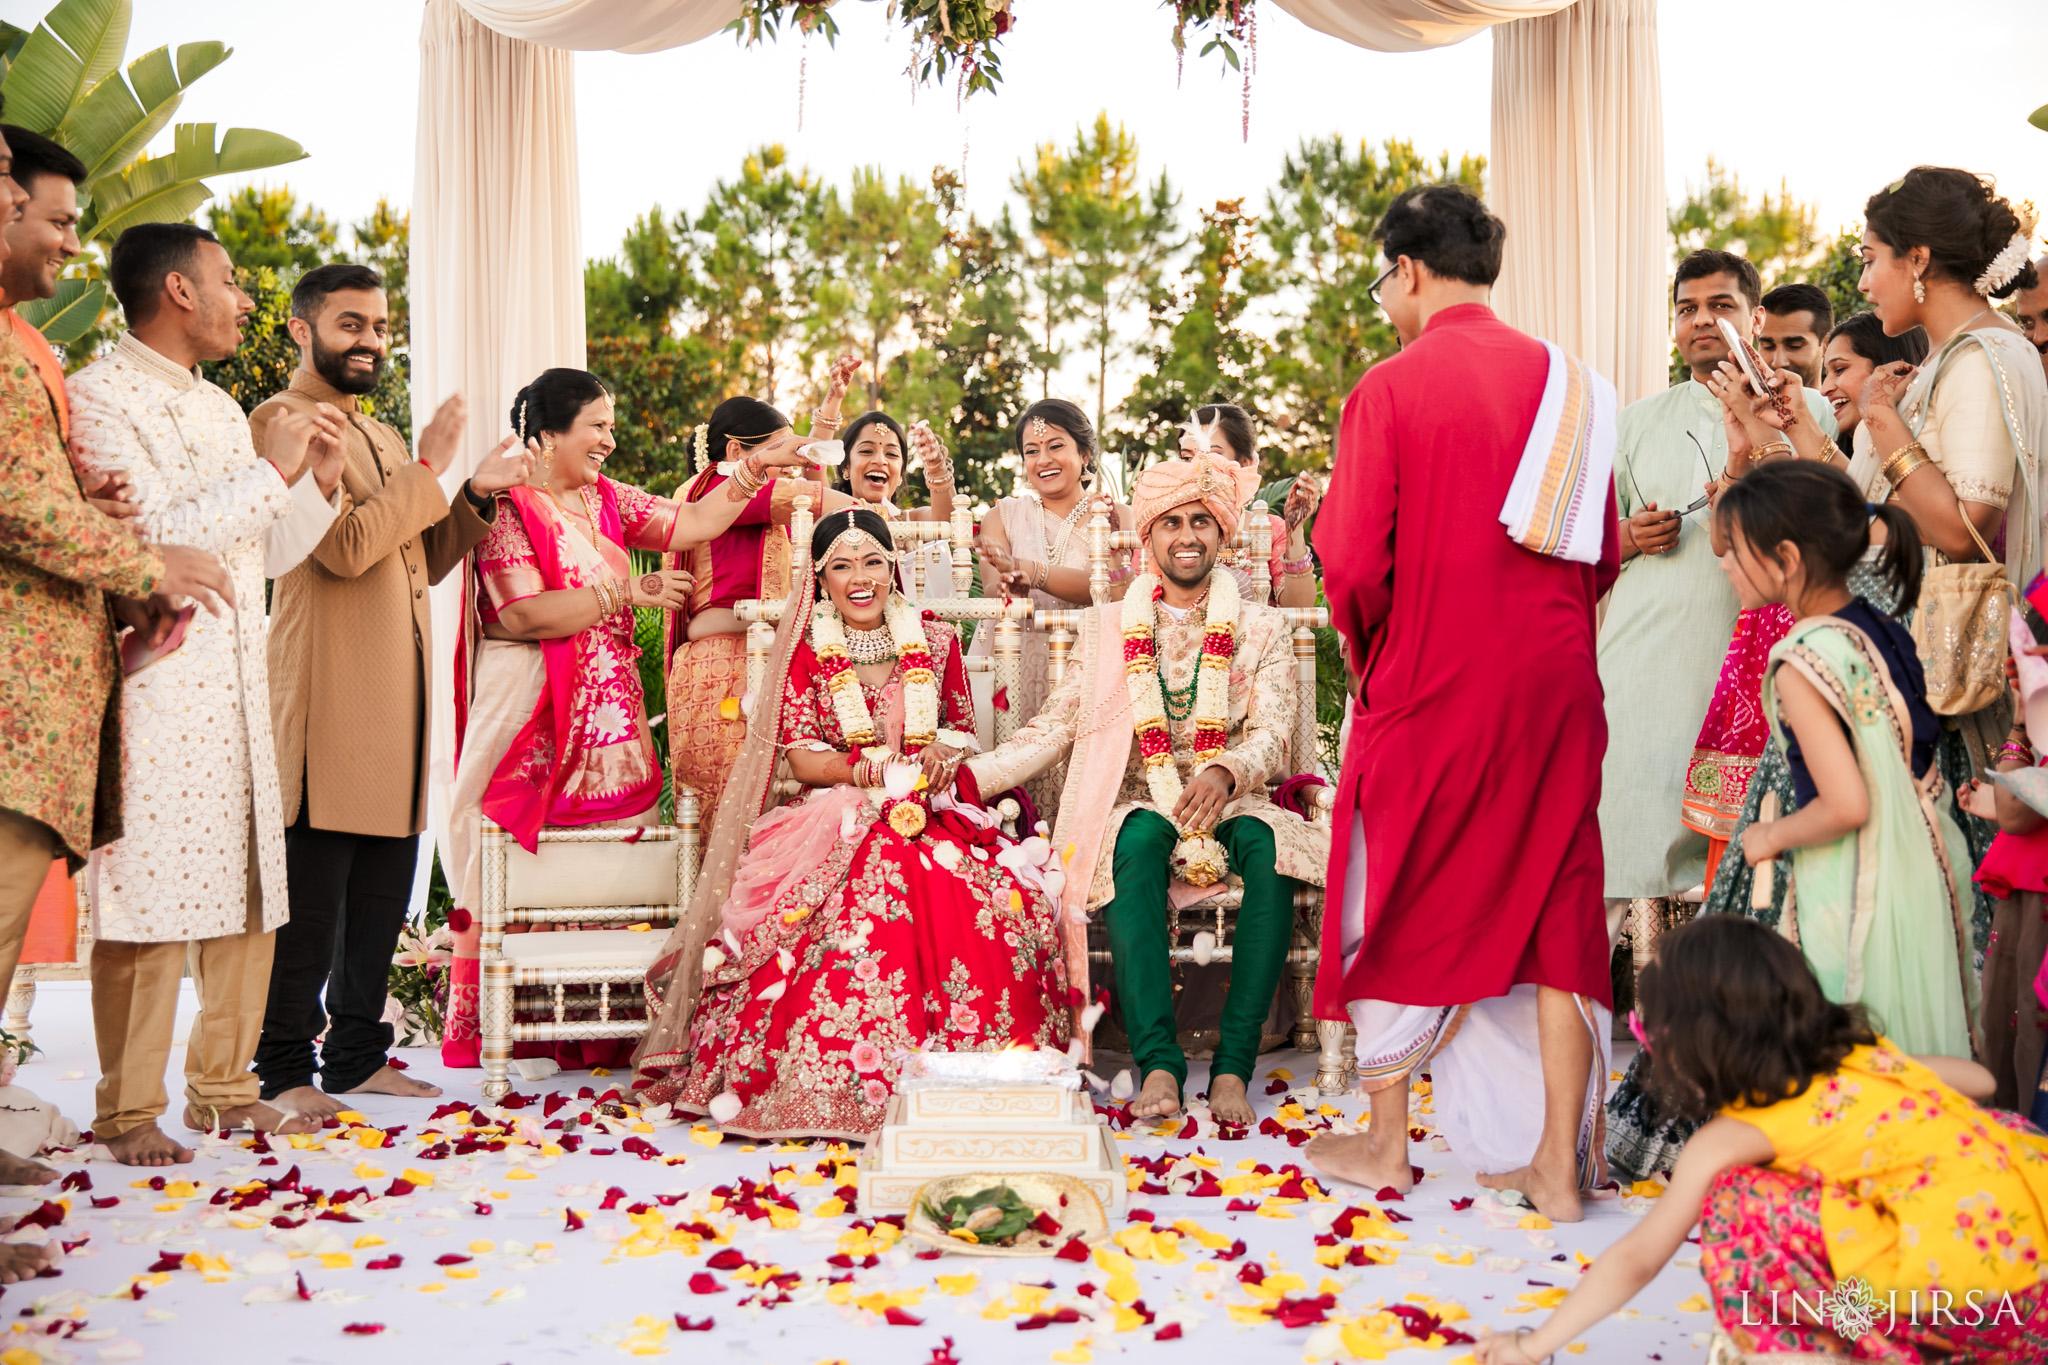 26 The Hilton Orlando Florida Indian Wedding Photography